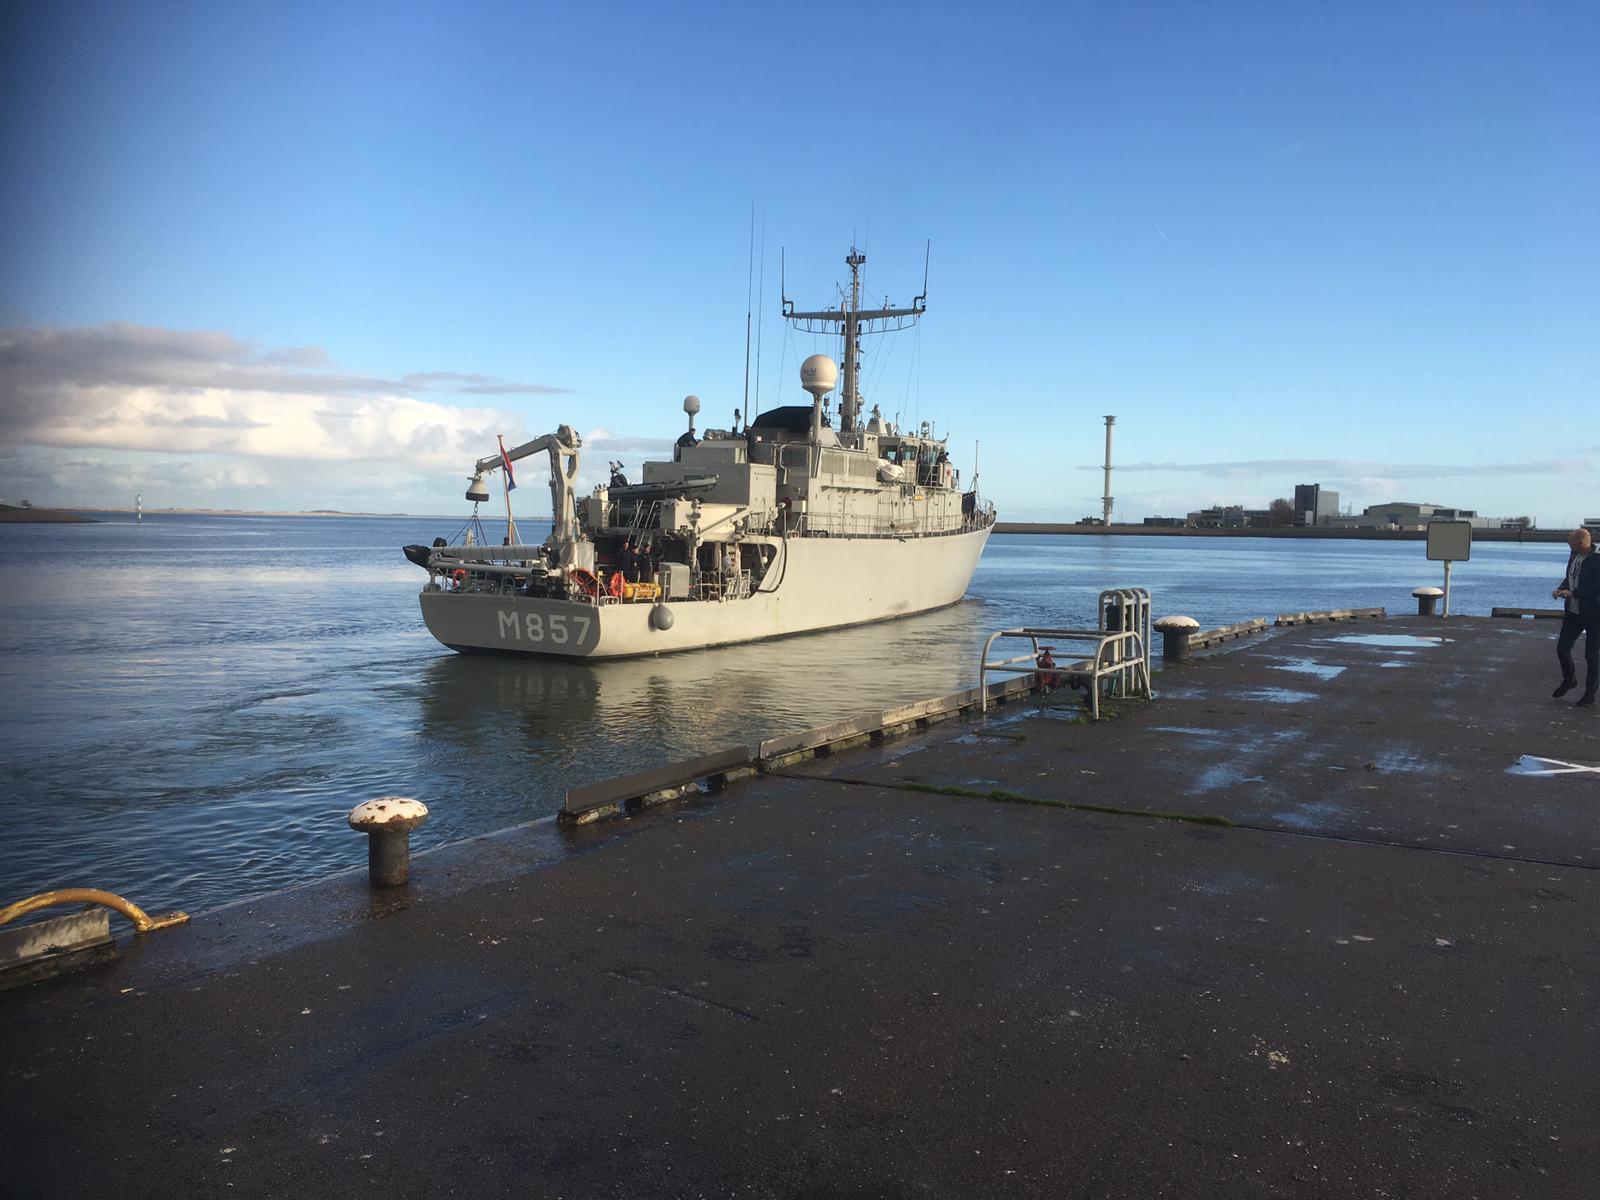 Zoektocht naar vermiste vissers hervat